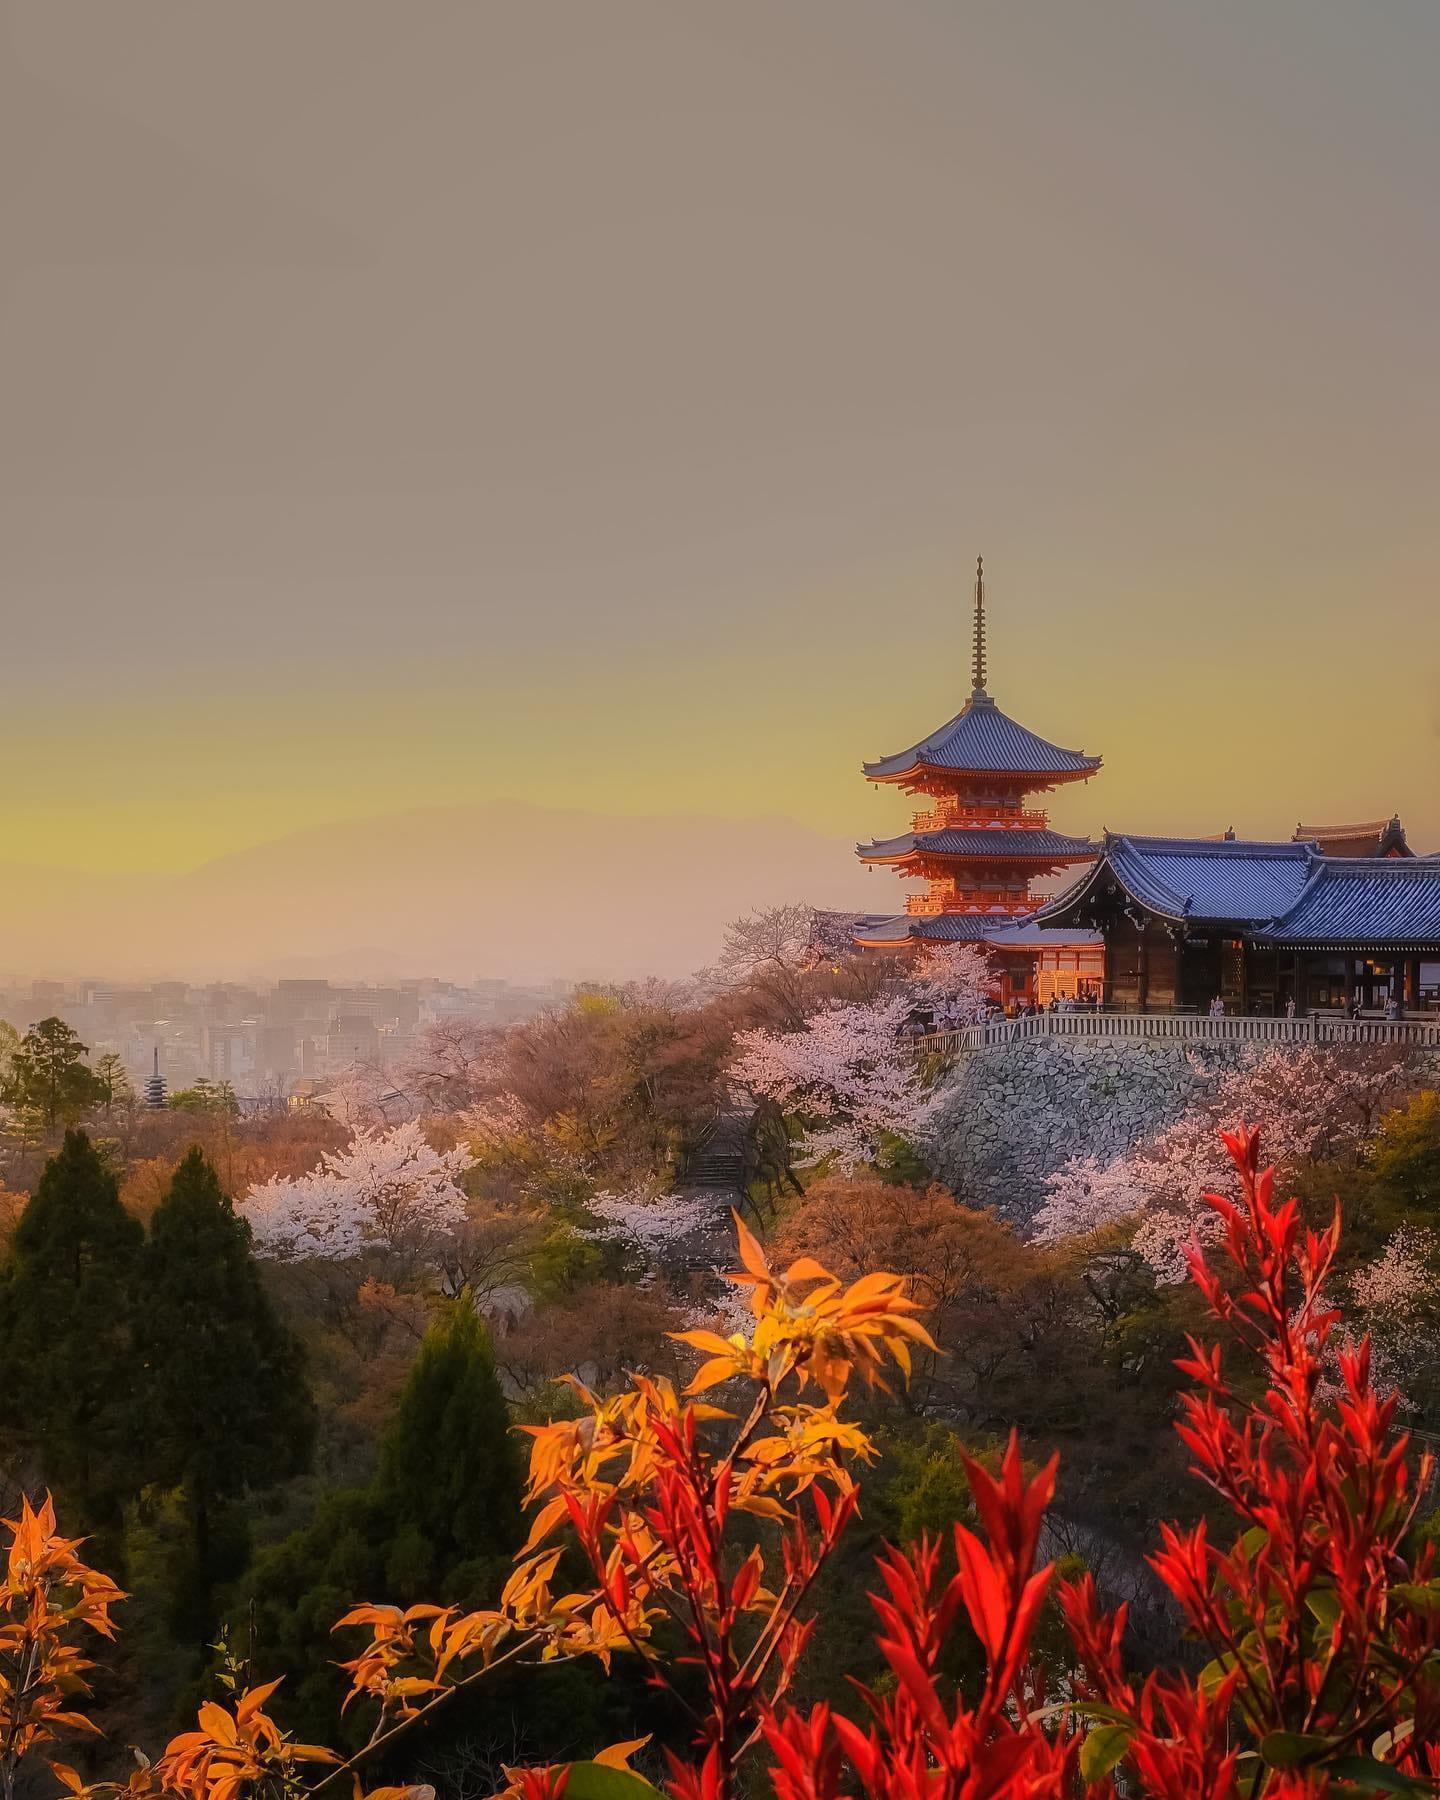 Concurso Japan Lightroom fotografias editadas antes y despues